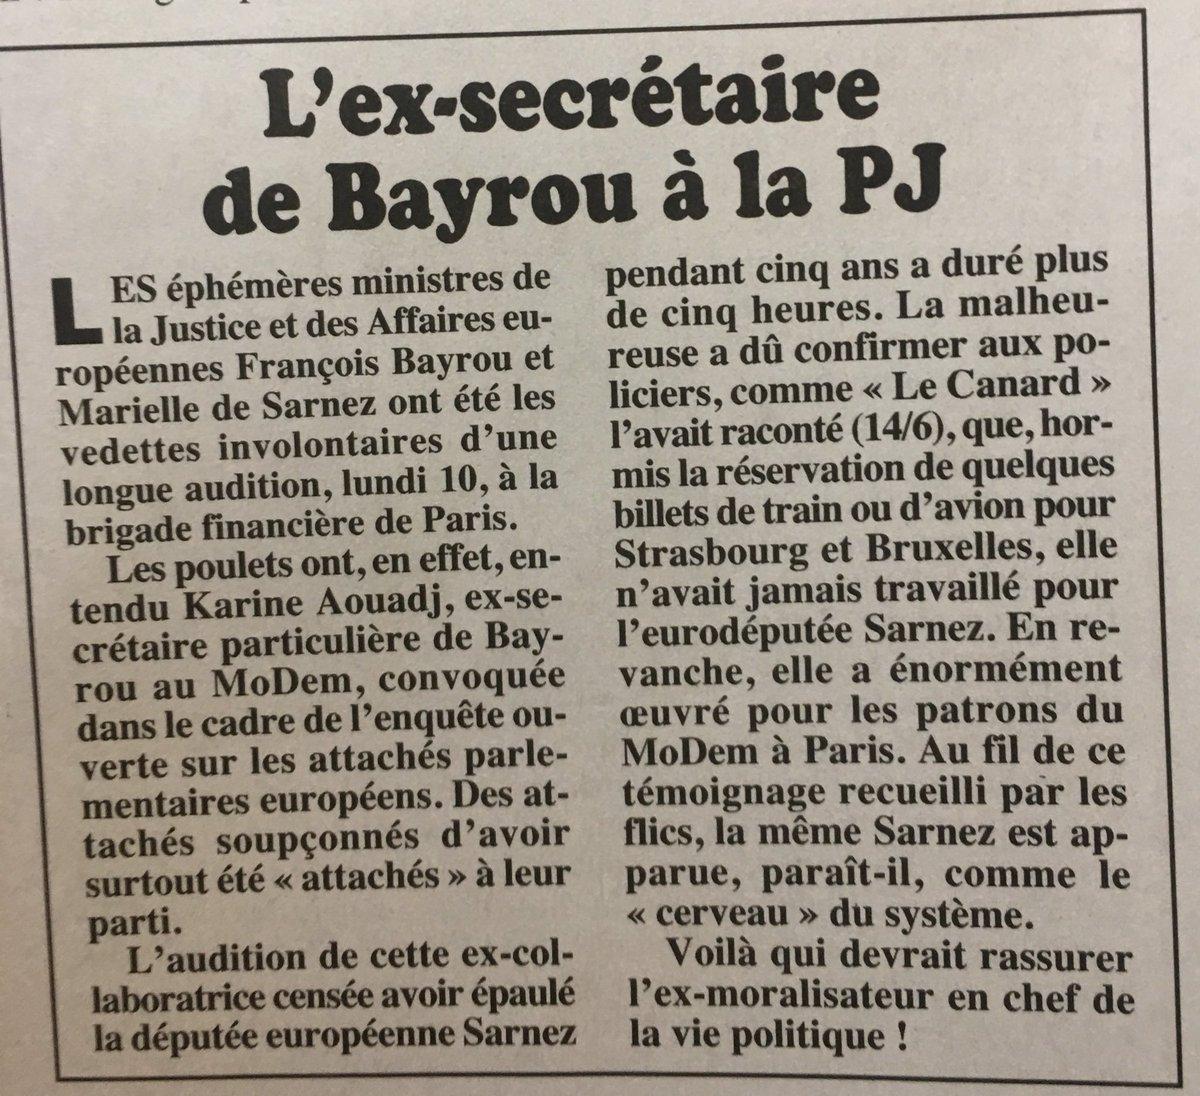 Des nouvelles de notre ÉPHÉMÈRE ministre de la moralisation publique : François @Bayrou. Un bel exemple de la République en Marche